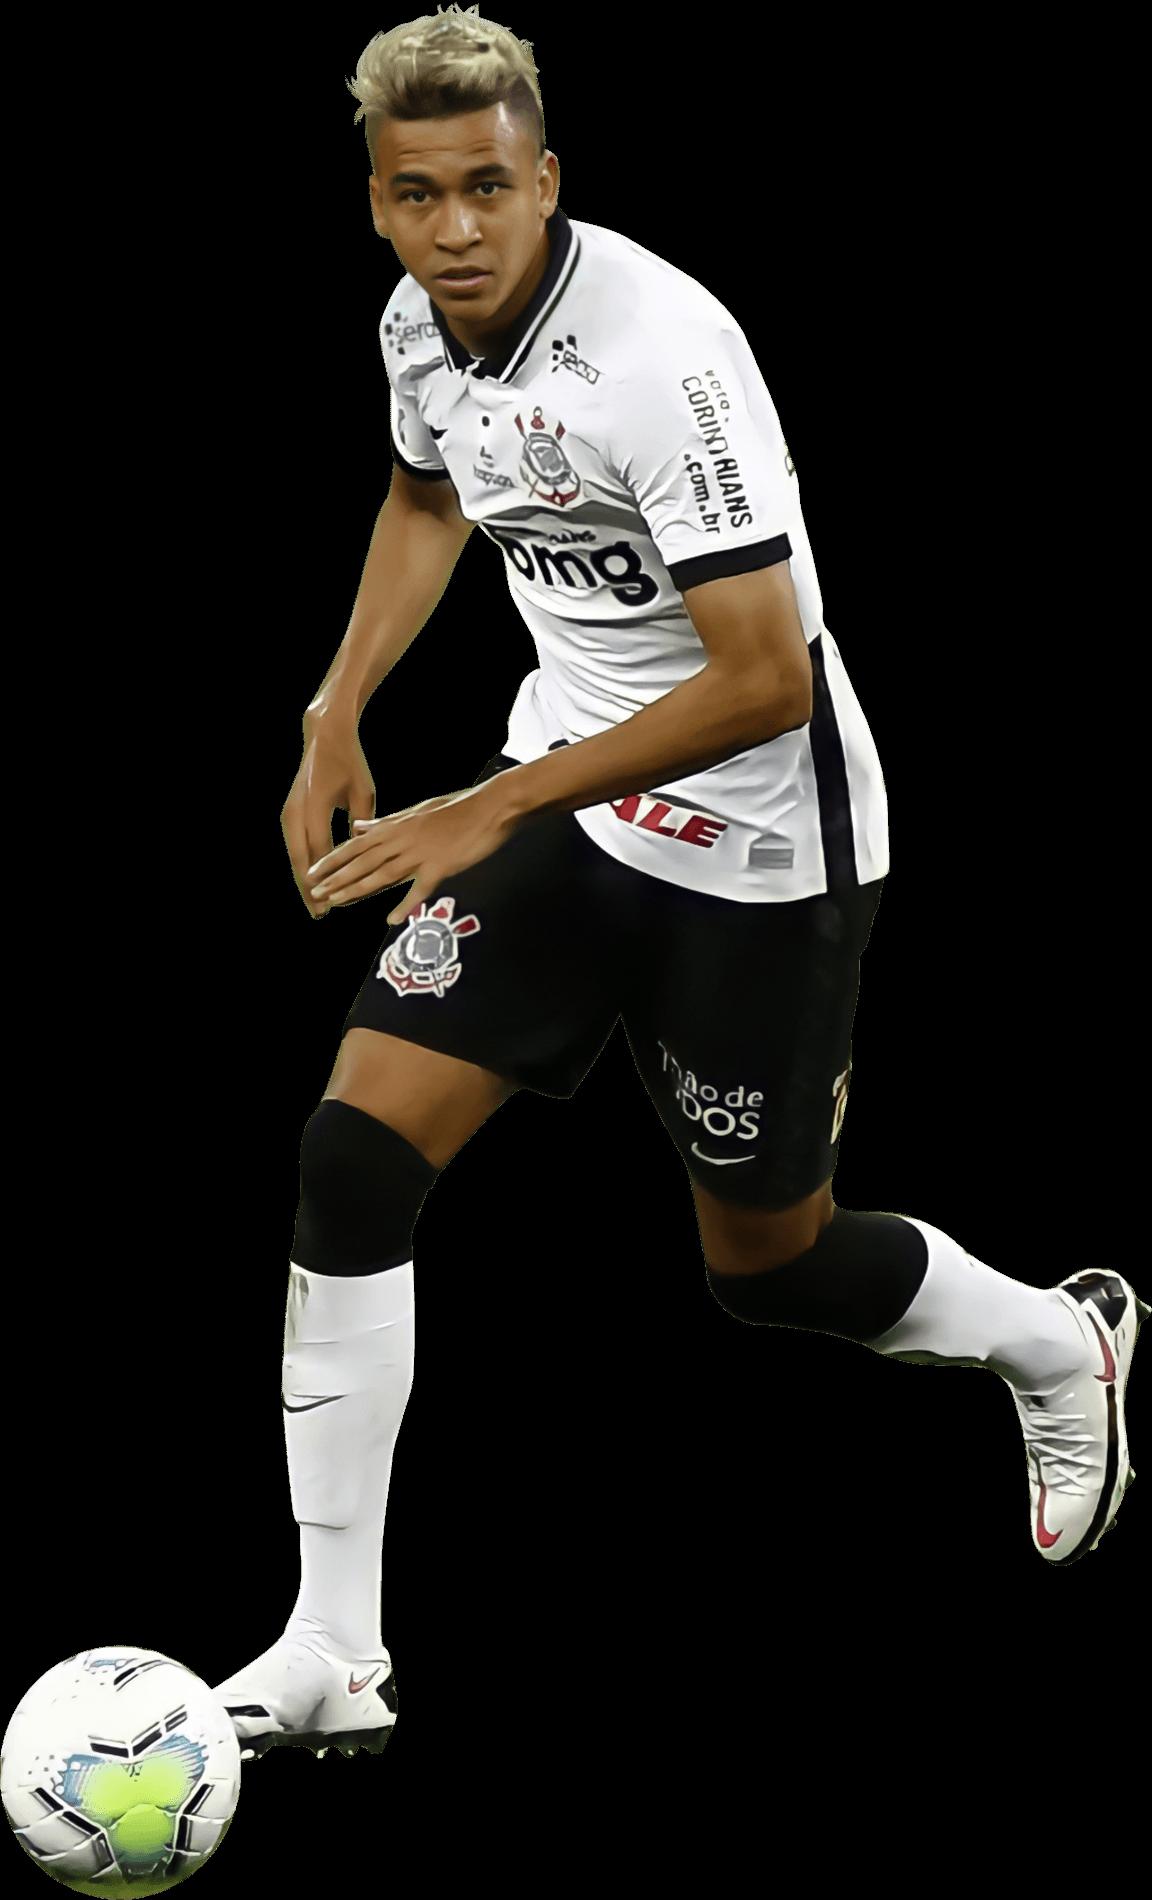 Víctor Cantillorender